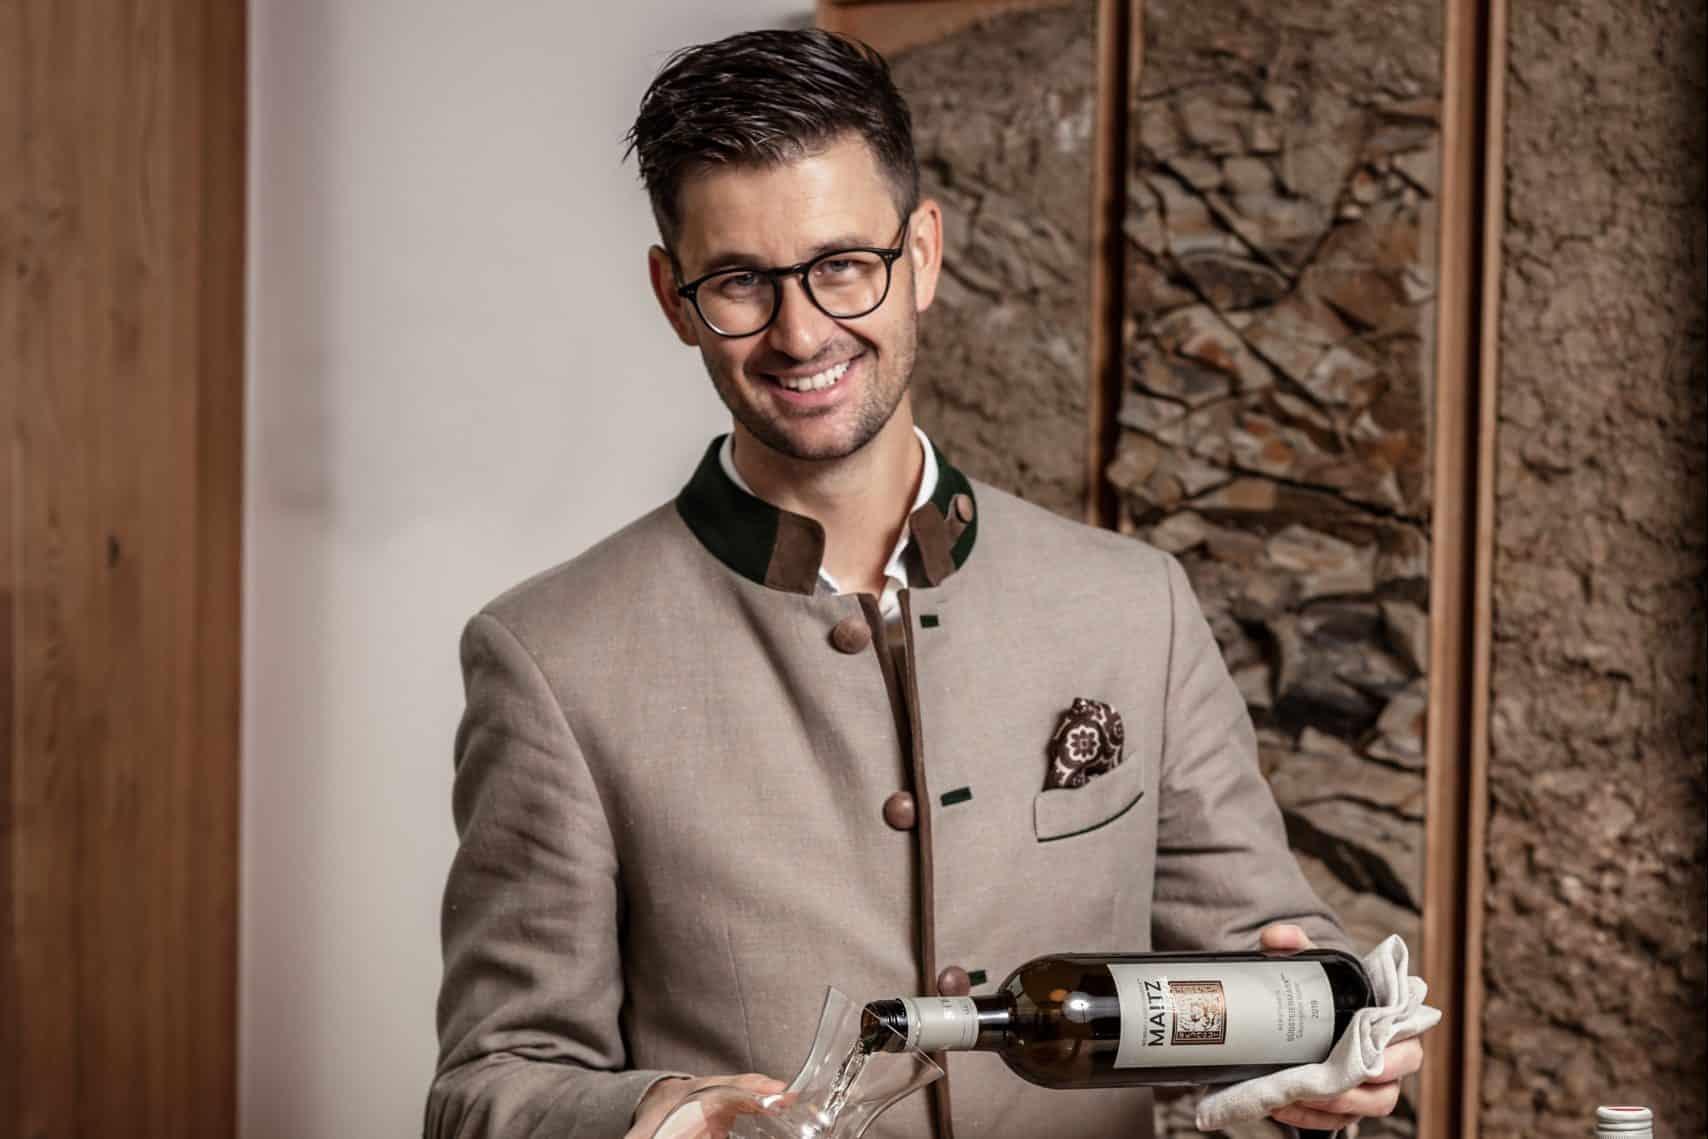 René Kolleger beim Einschenken von einem Glas südsteirischen Weins